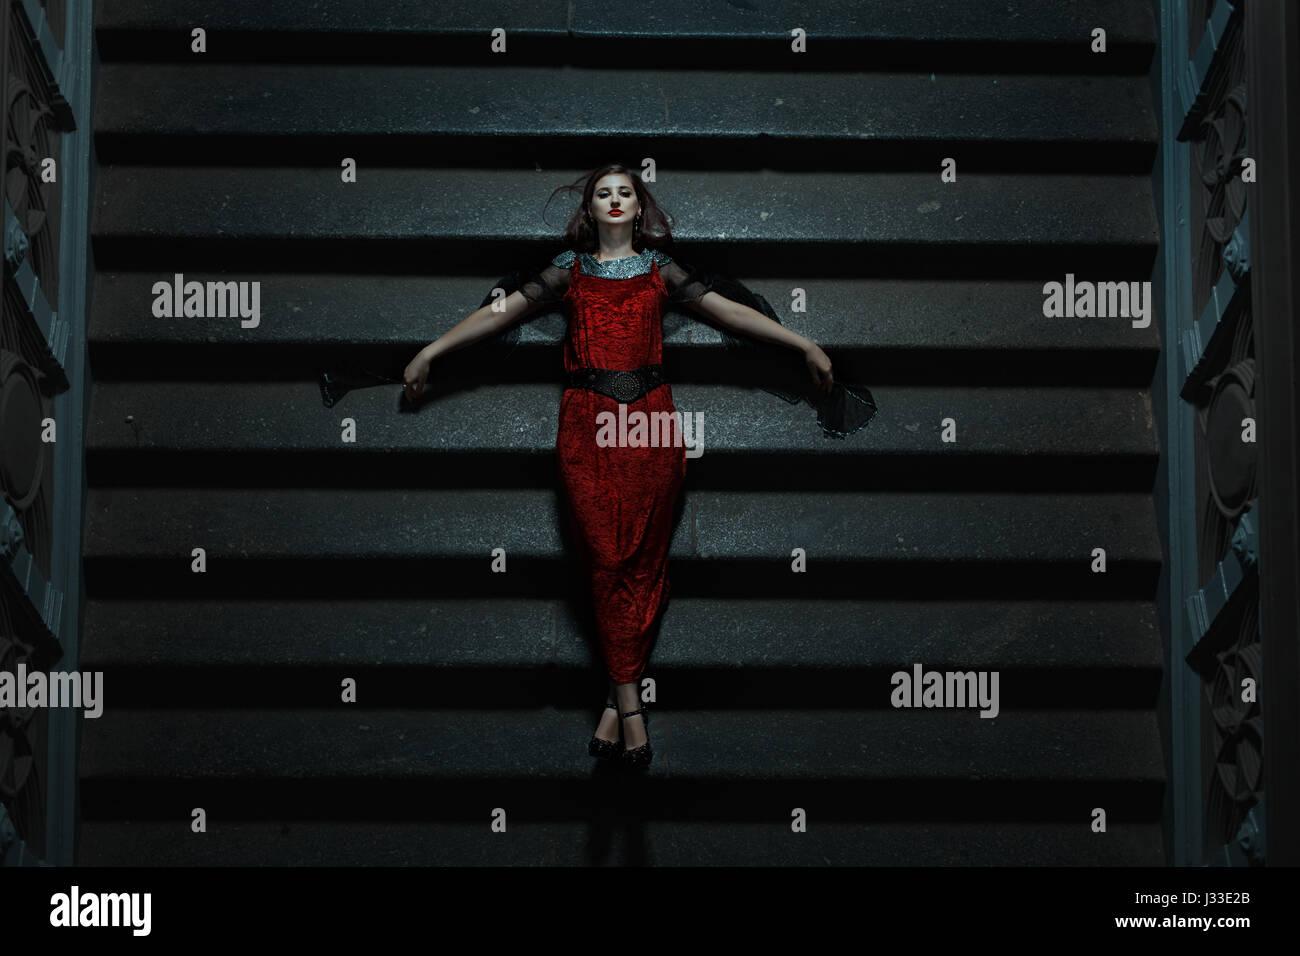 Chica gótica cayó sobre las escaleras en la noche. Es un extraño y sugestivo el horror y el miedo. Imagen De Stock